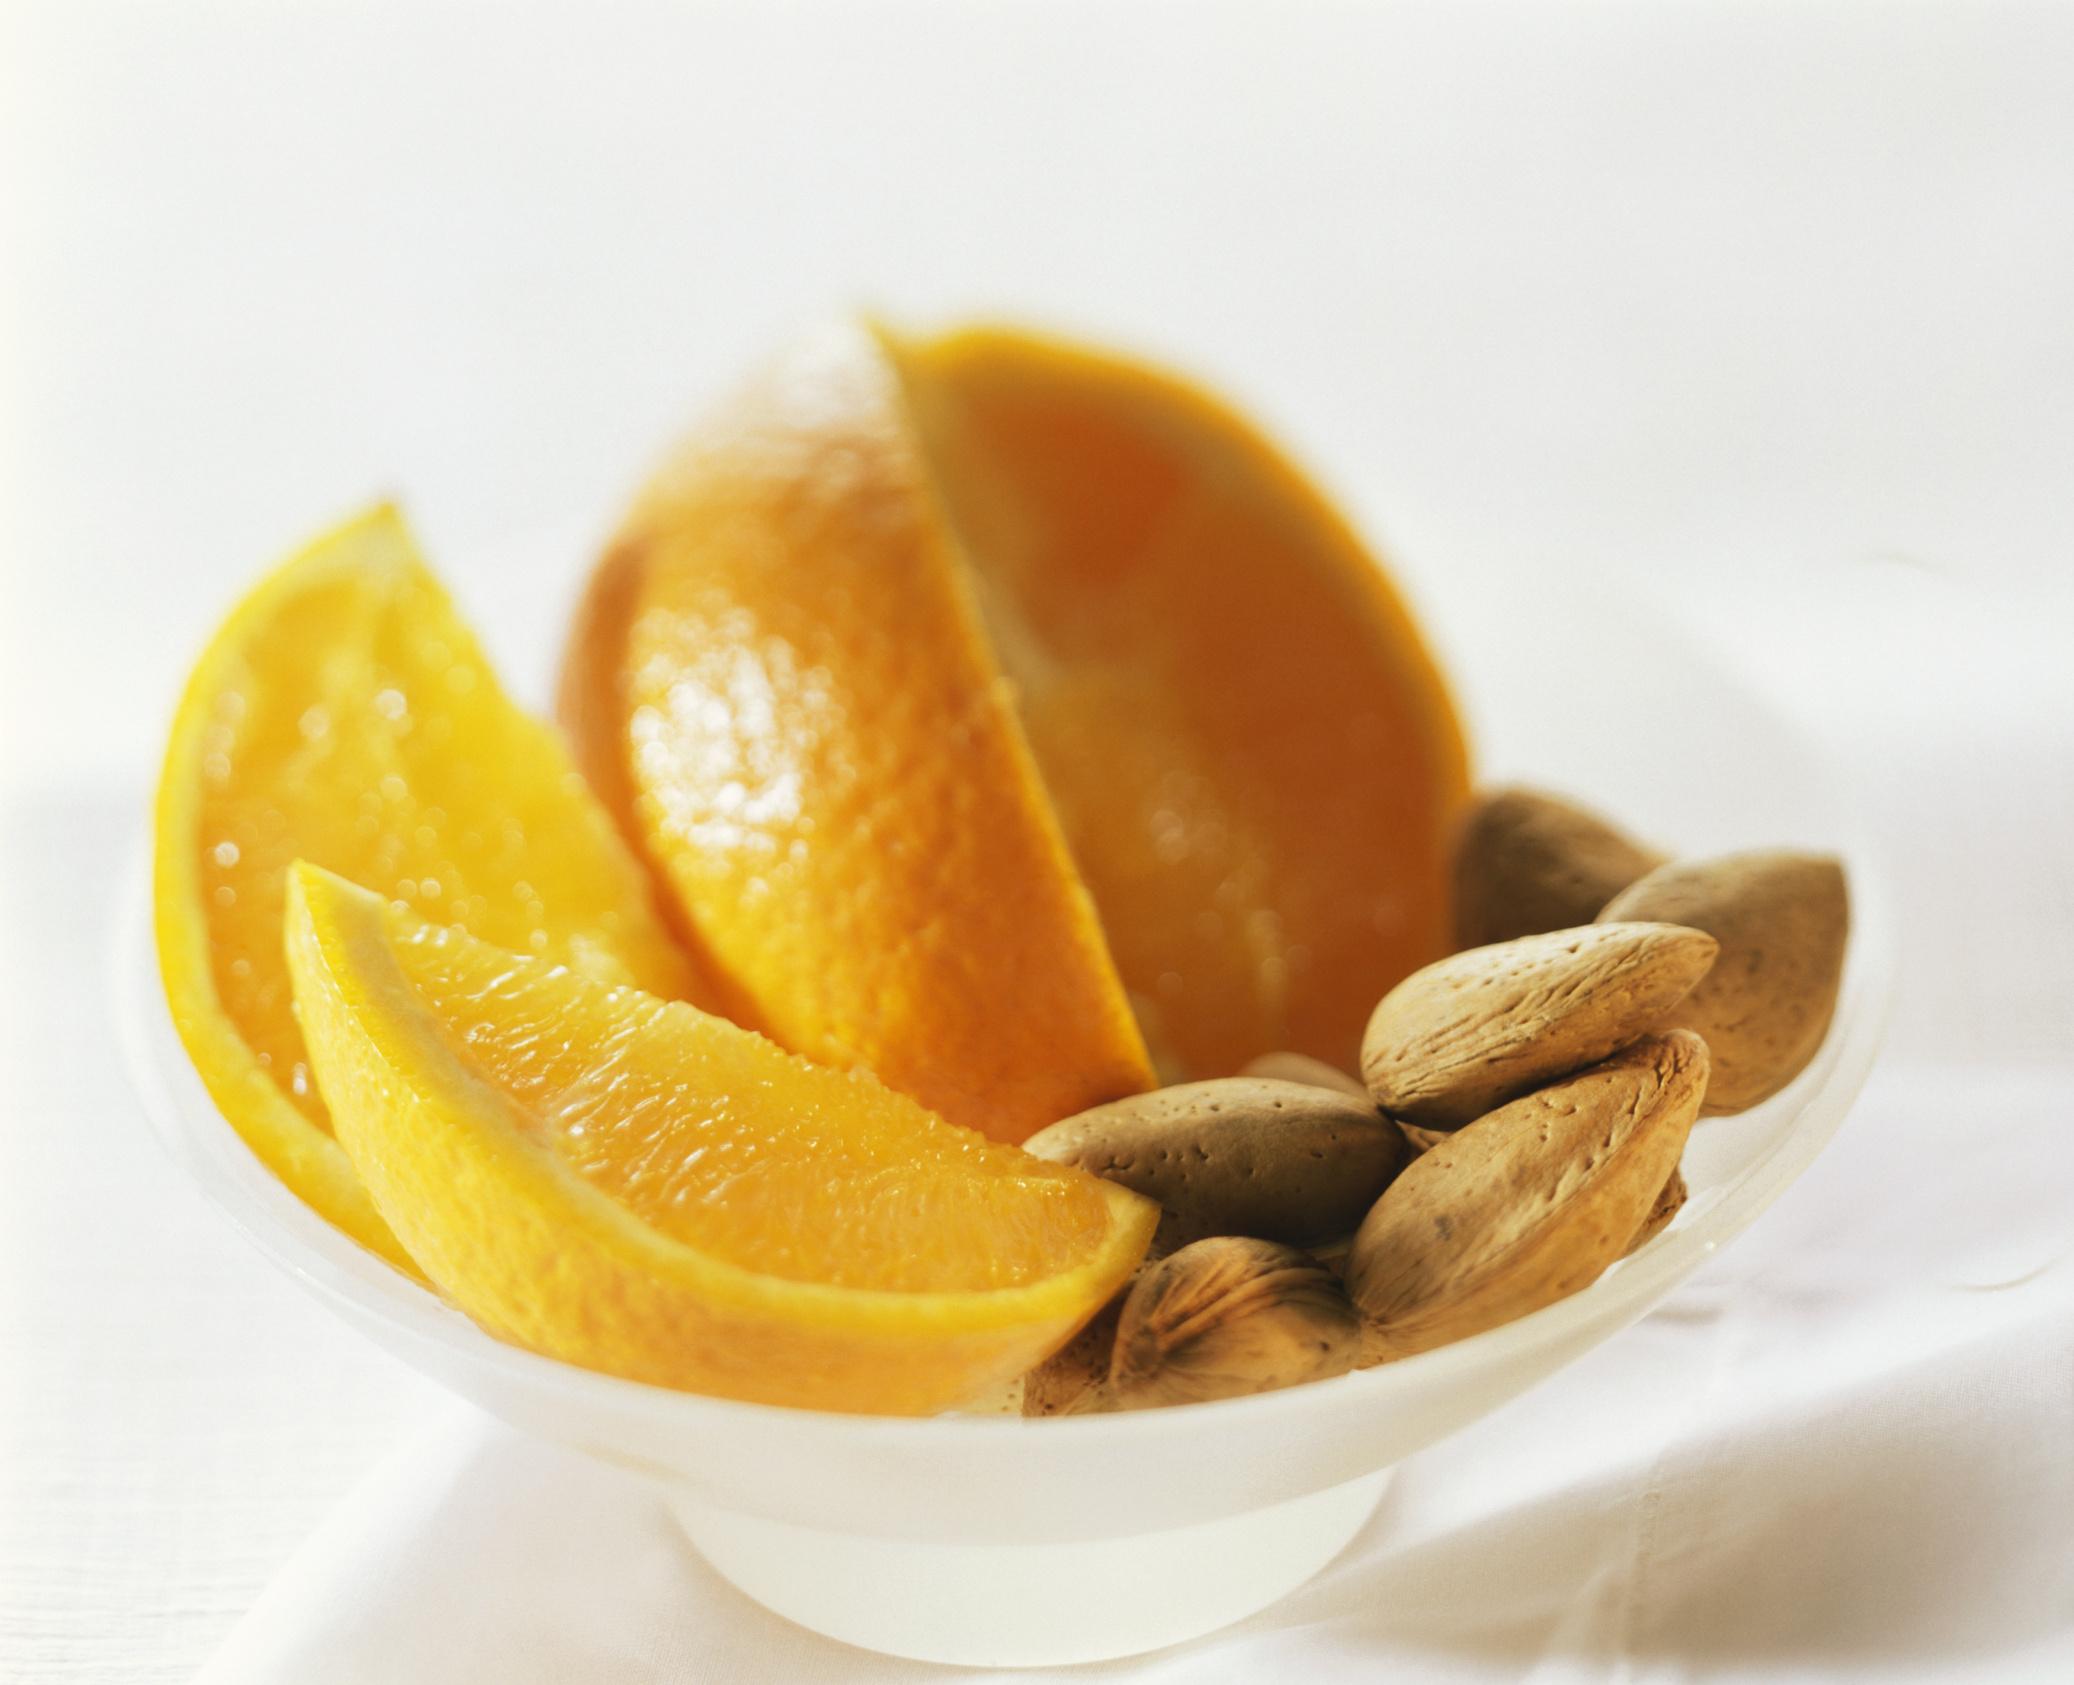 Oranges are rich in vitamin C, but almonds provide none.